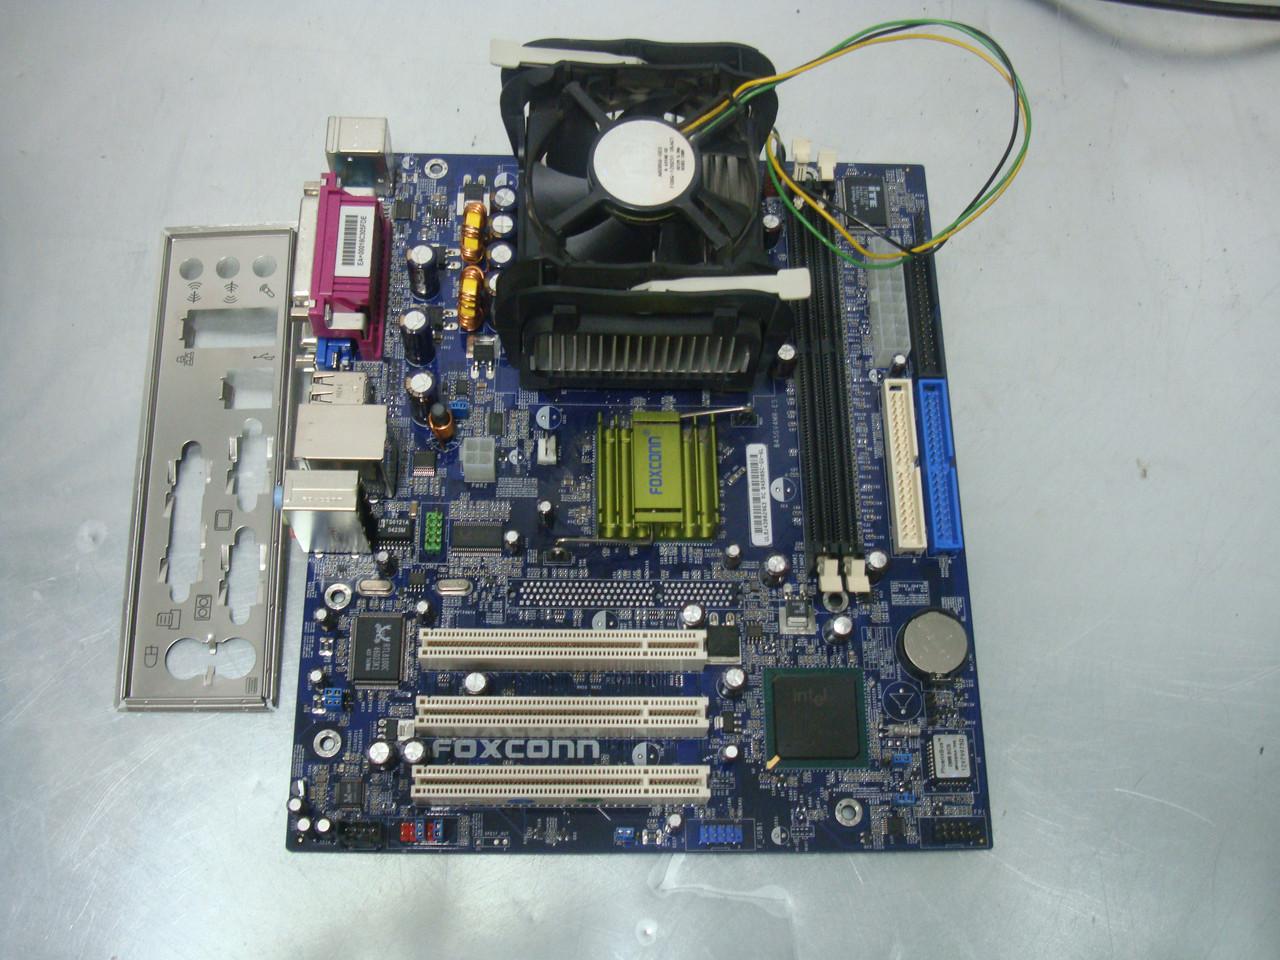 Материнская плата S478 Foxconn 845GV4MR-ES с процессором Celeron и оперативной памятью